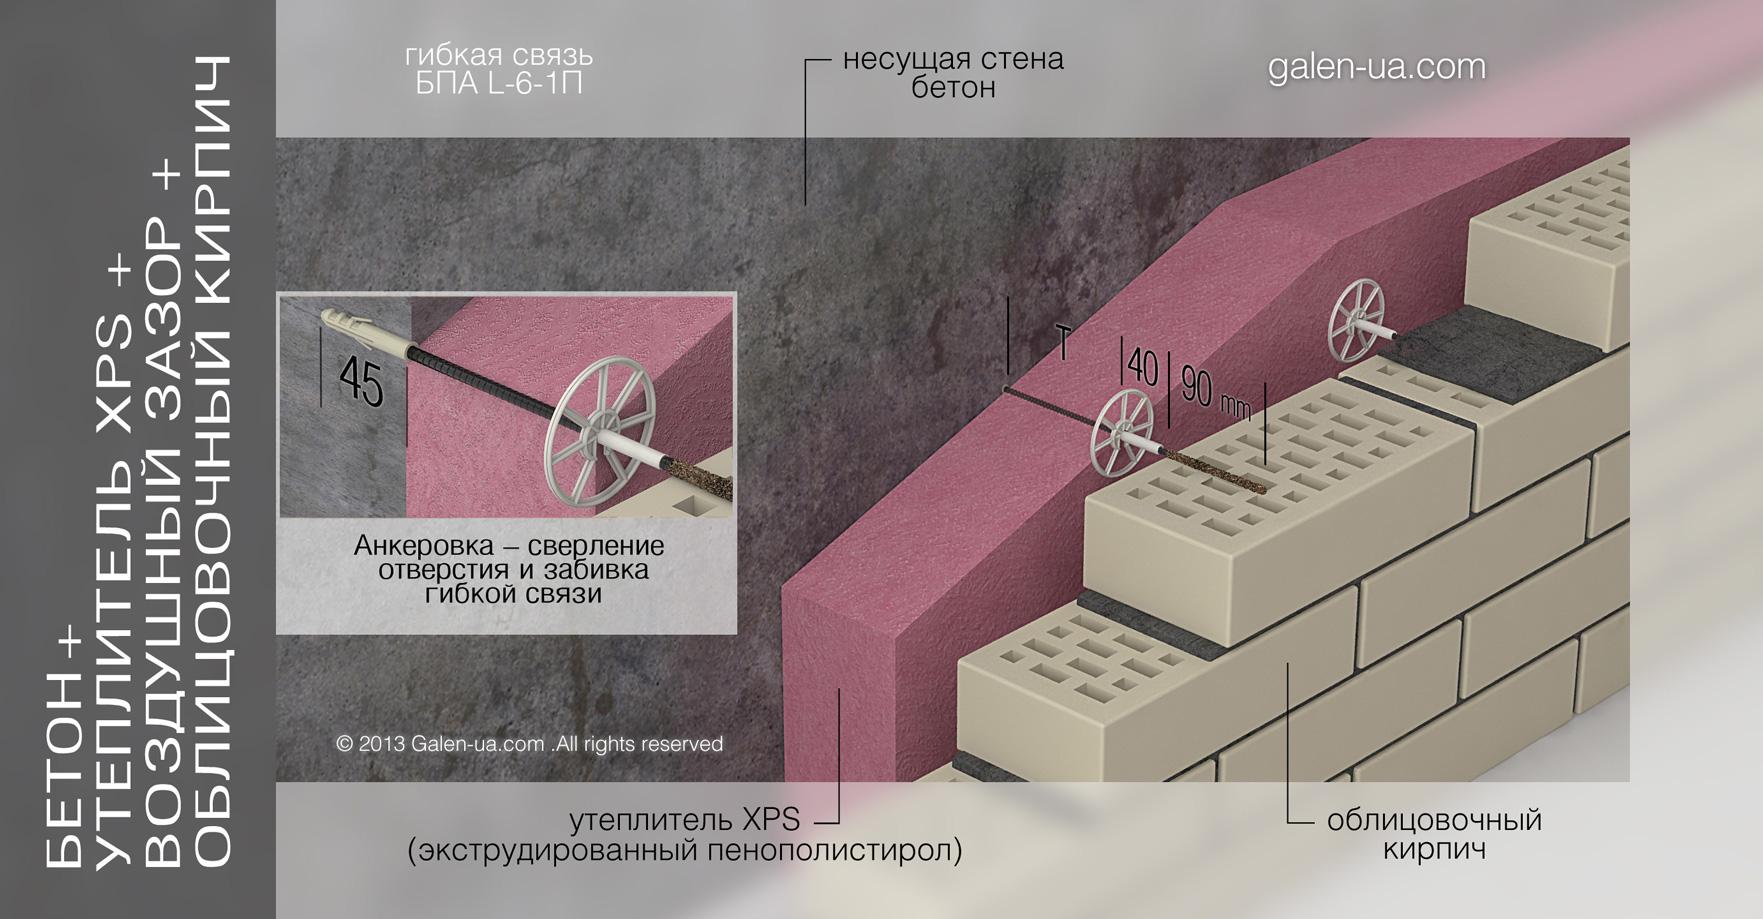 Гибкая связь БПА L-6-1П: Бетон + Утеплитель XPS + Воздушный зазор + Облицовочный кирпич